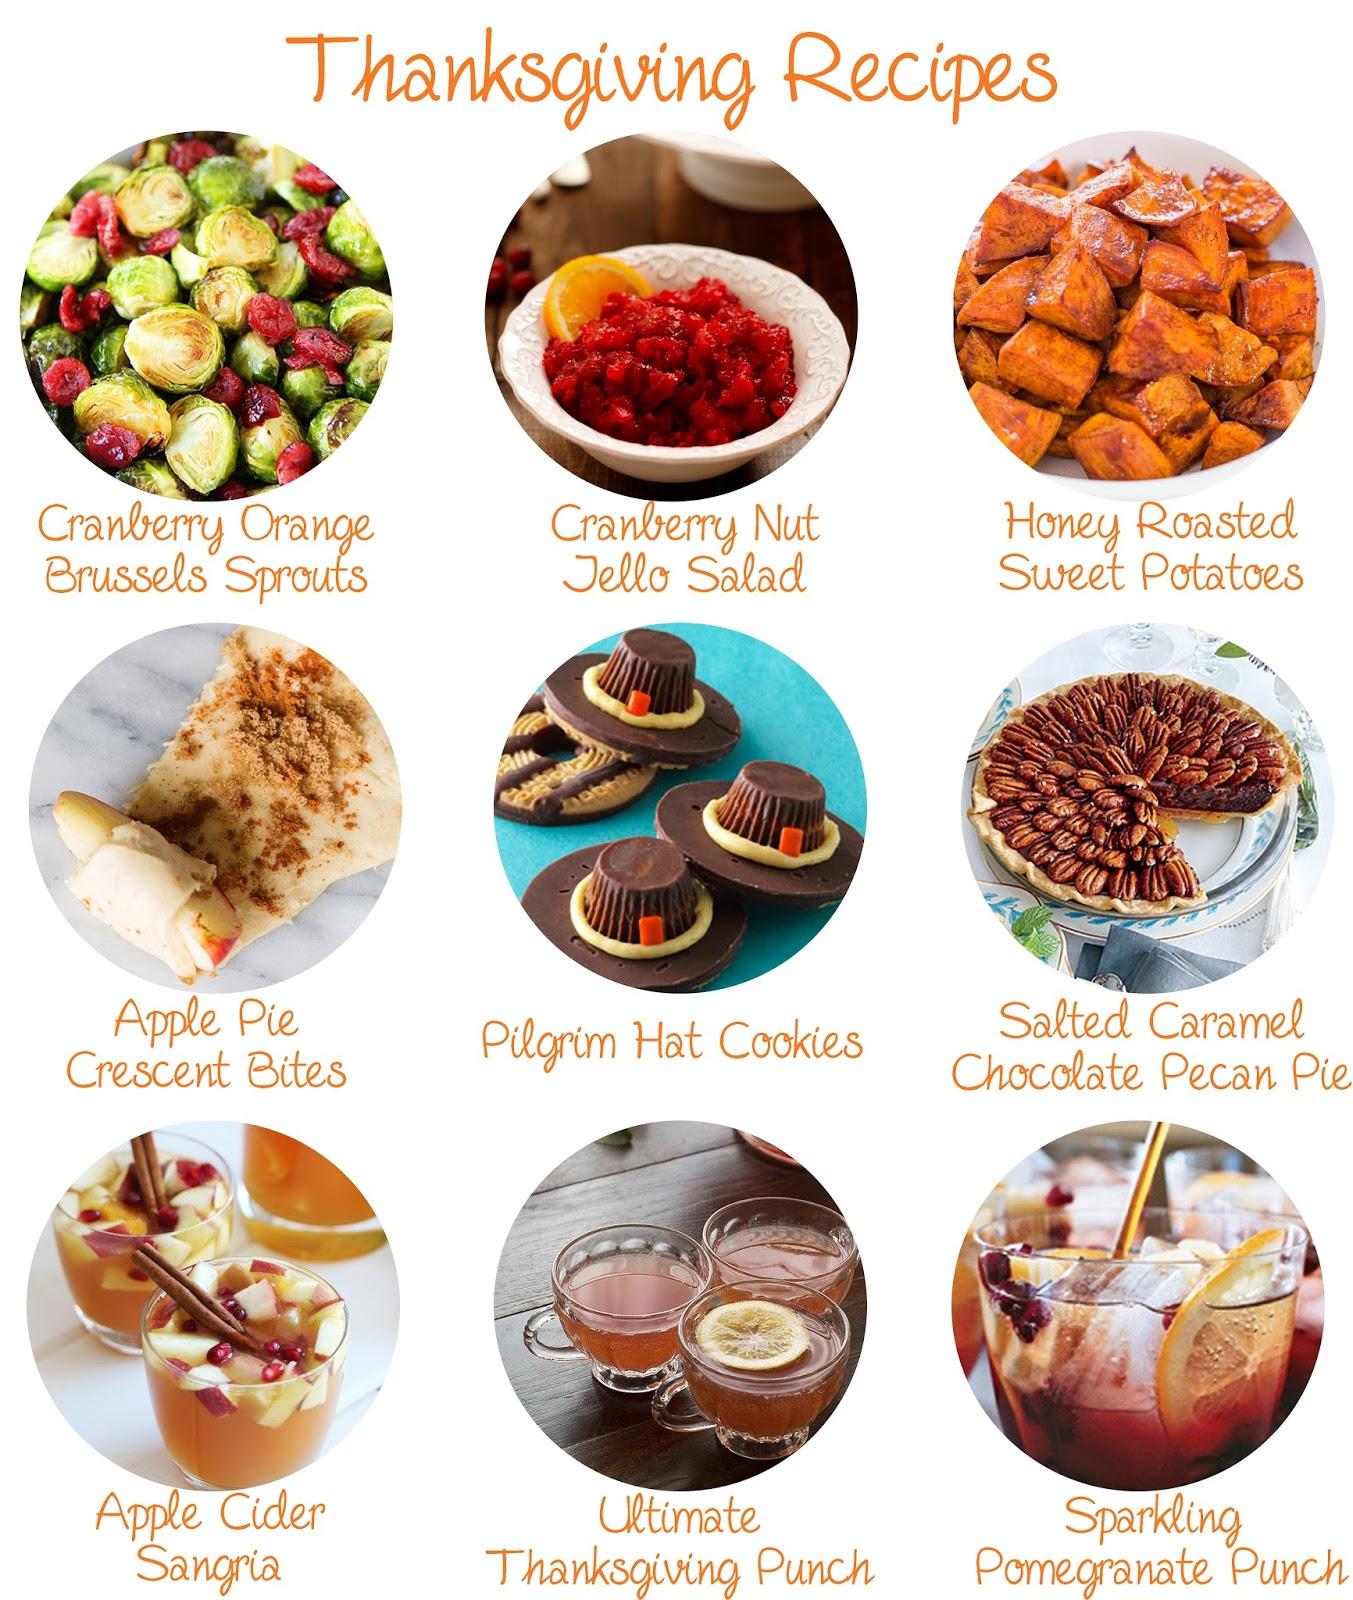 Deli Salads - Ukrop's Homemades